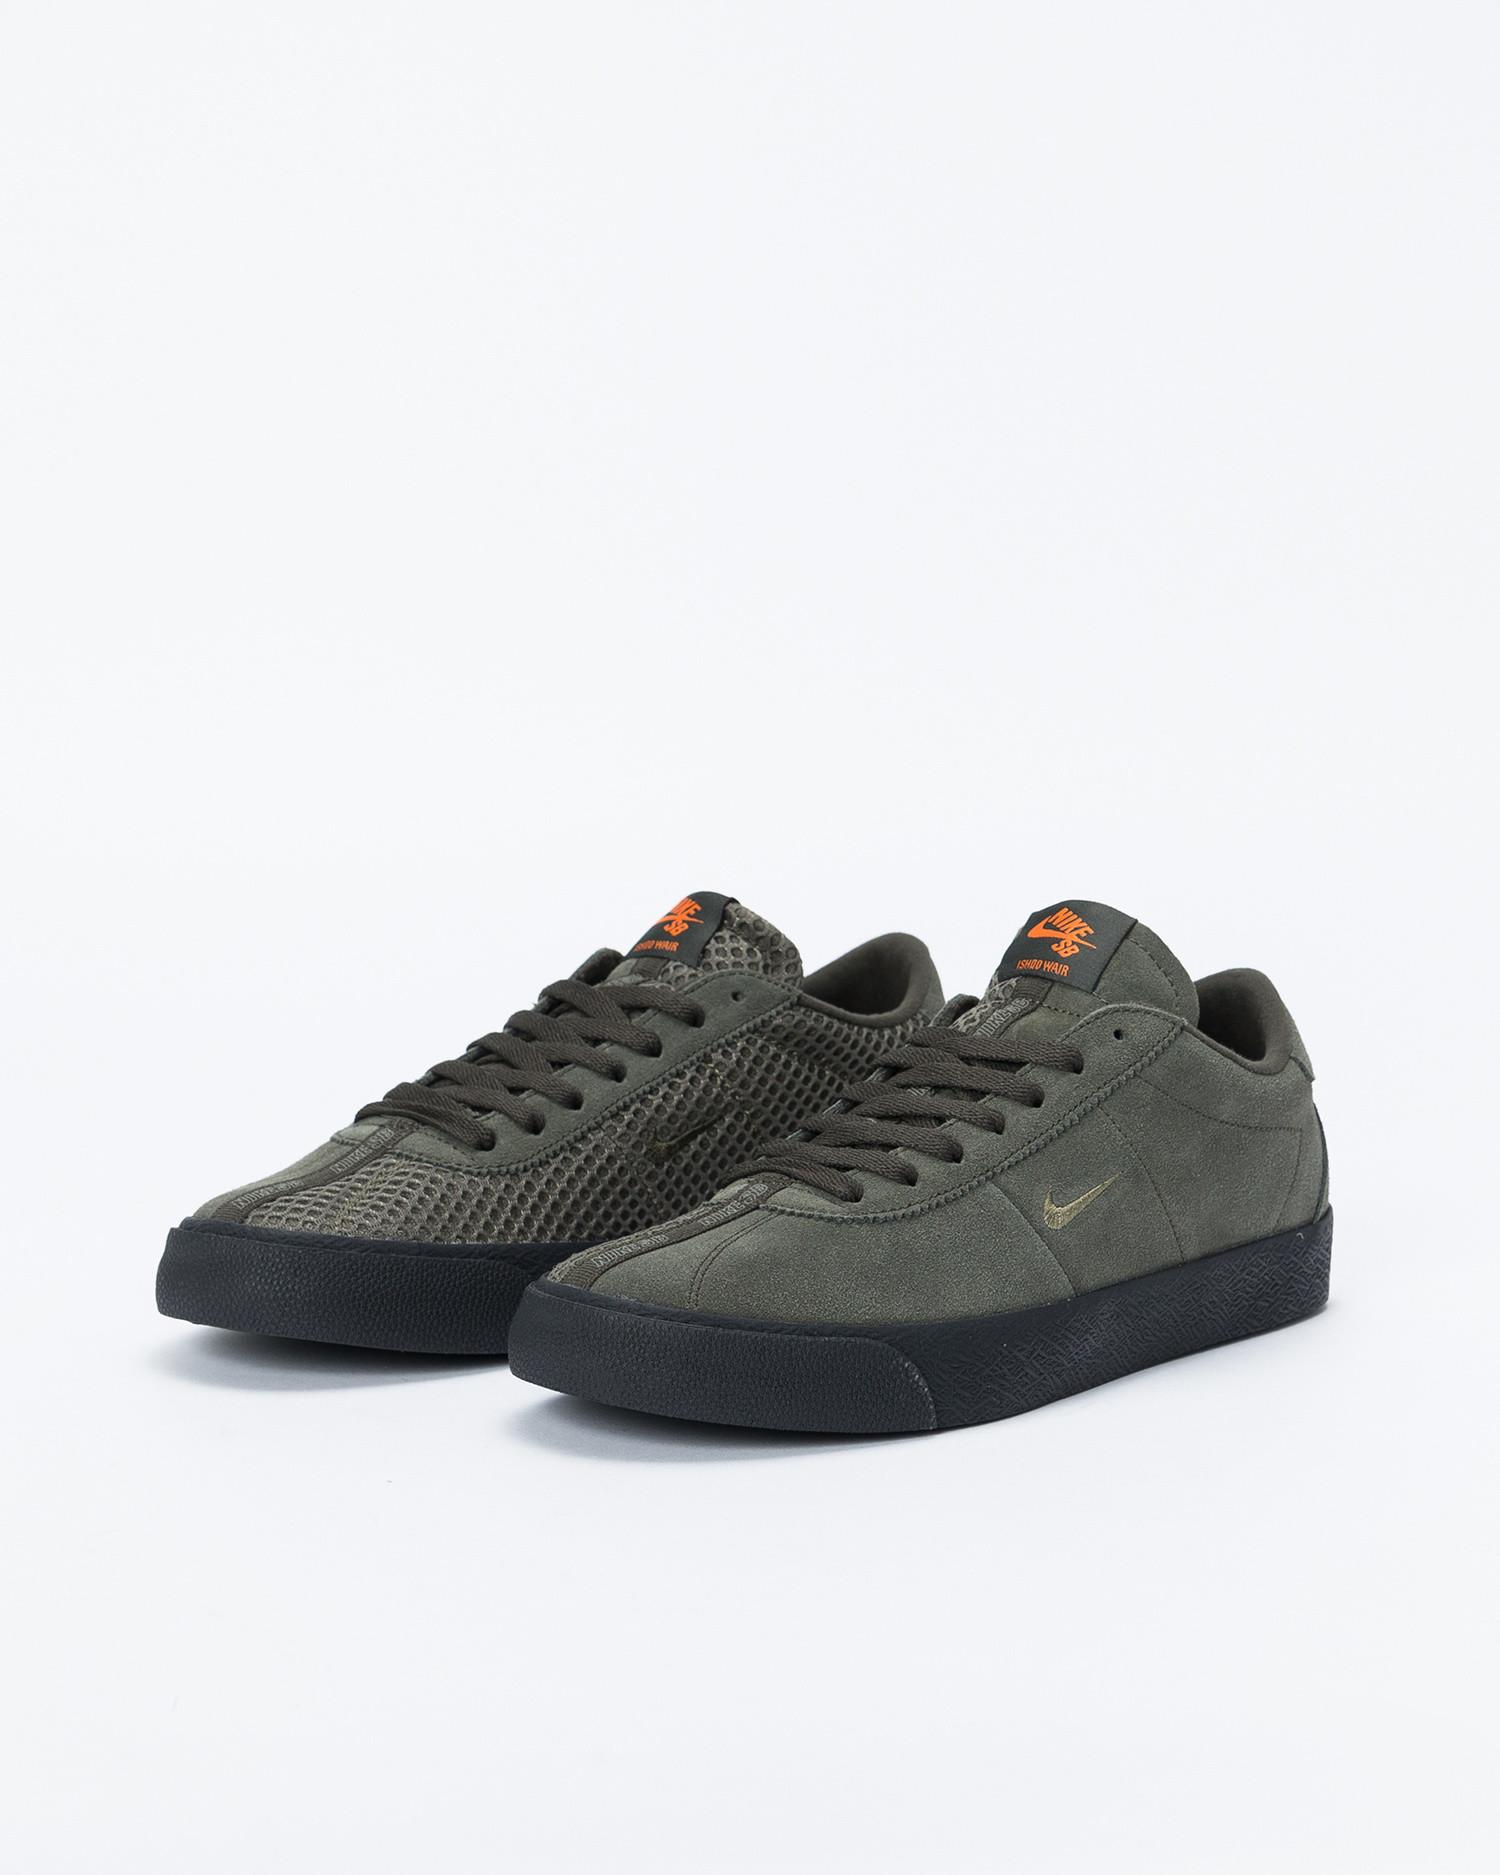 Nike SB Zoom Bruin Iso Orange Label Sequoia/medium olive-safety orange